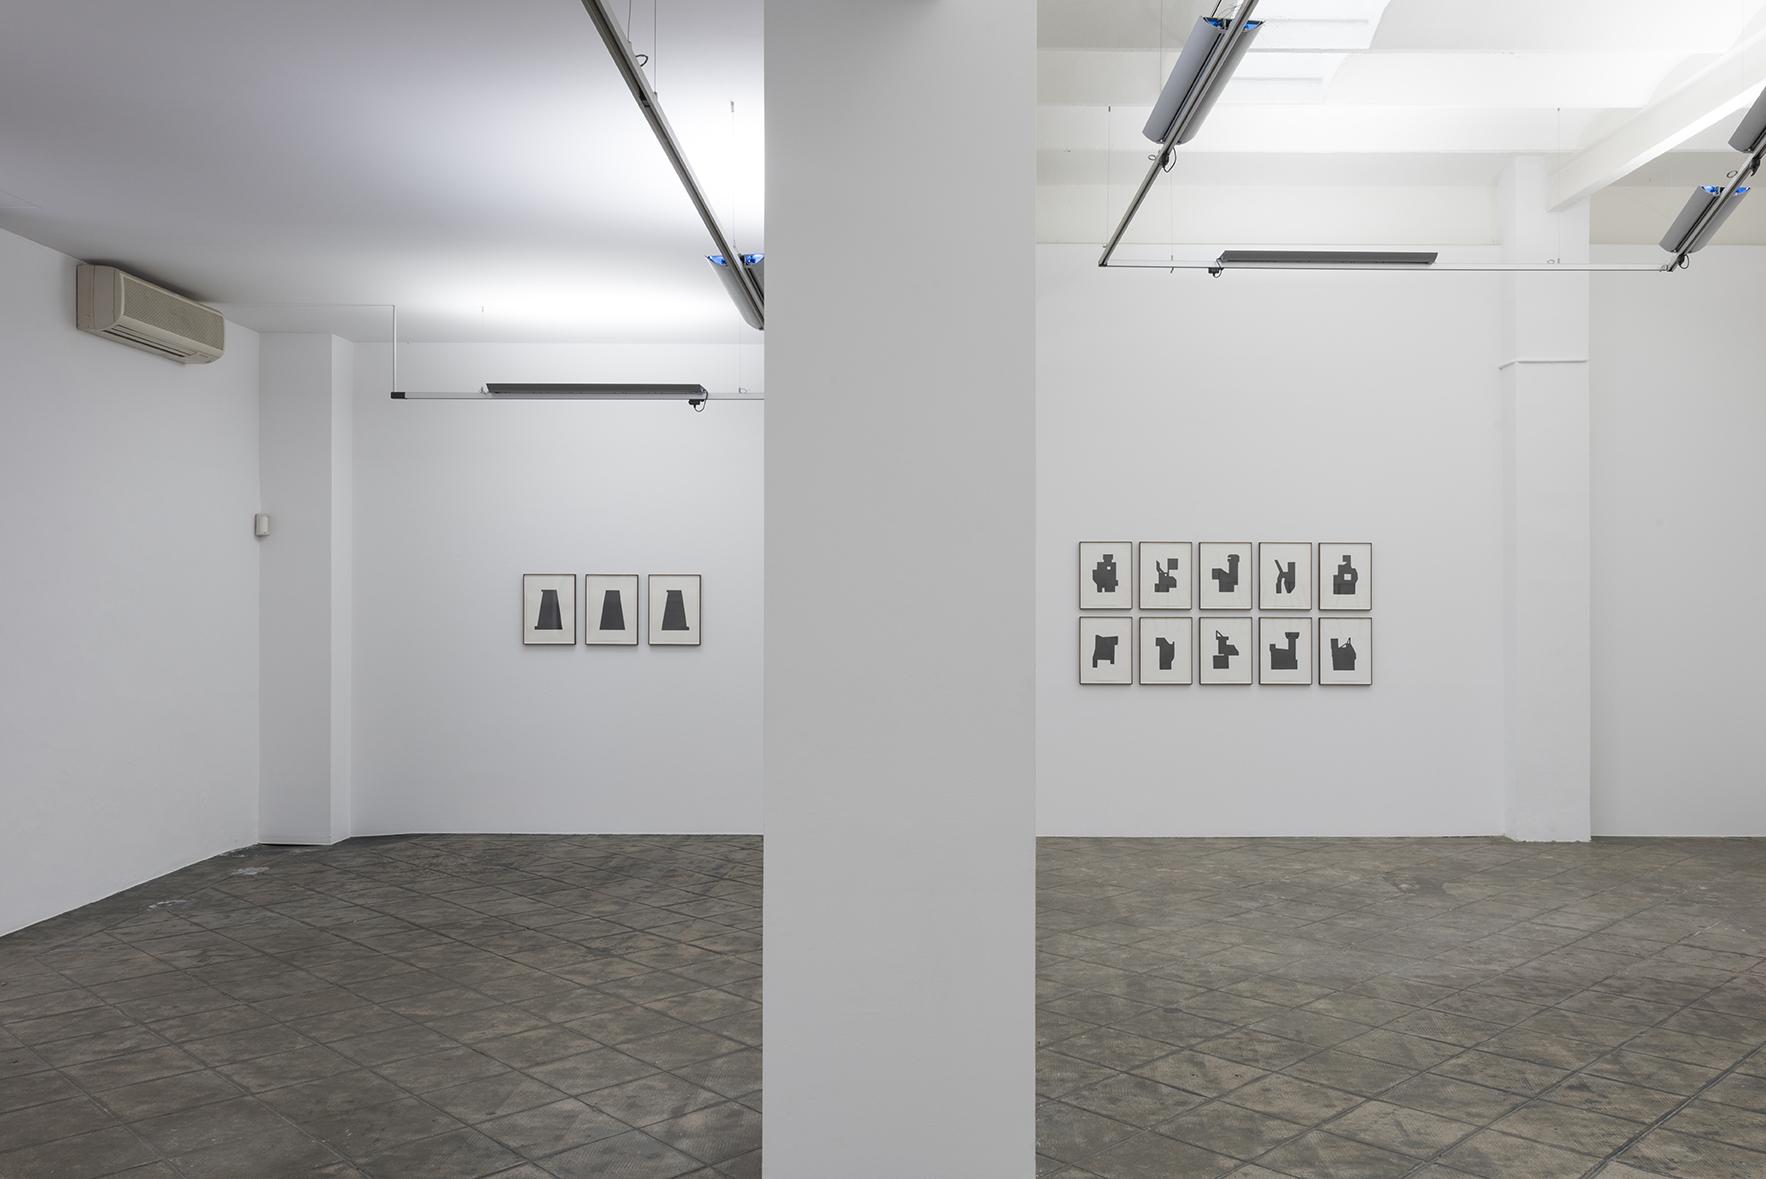 Installation view: La Vida Abstracta de Billy Murcia, ProjecteSD | La Vida Abstracta de Billy Murcia | ProjecteSD